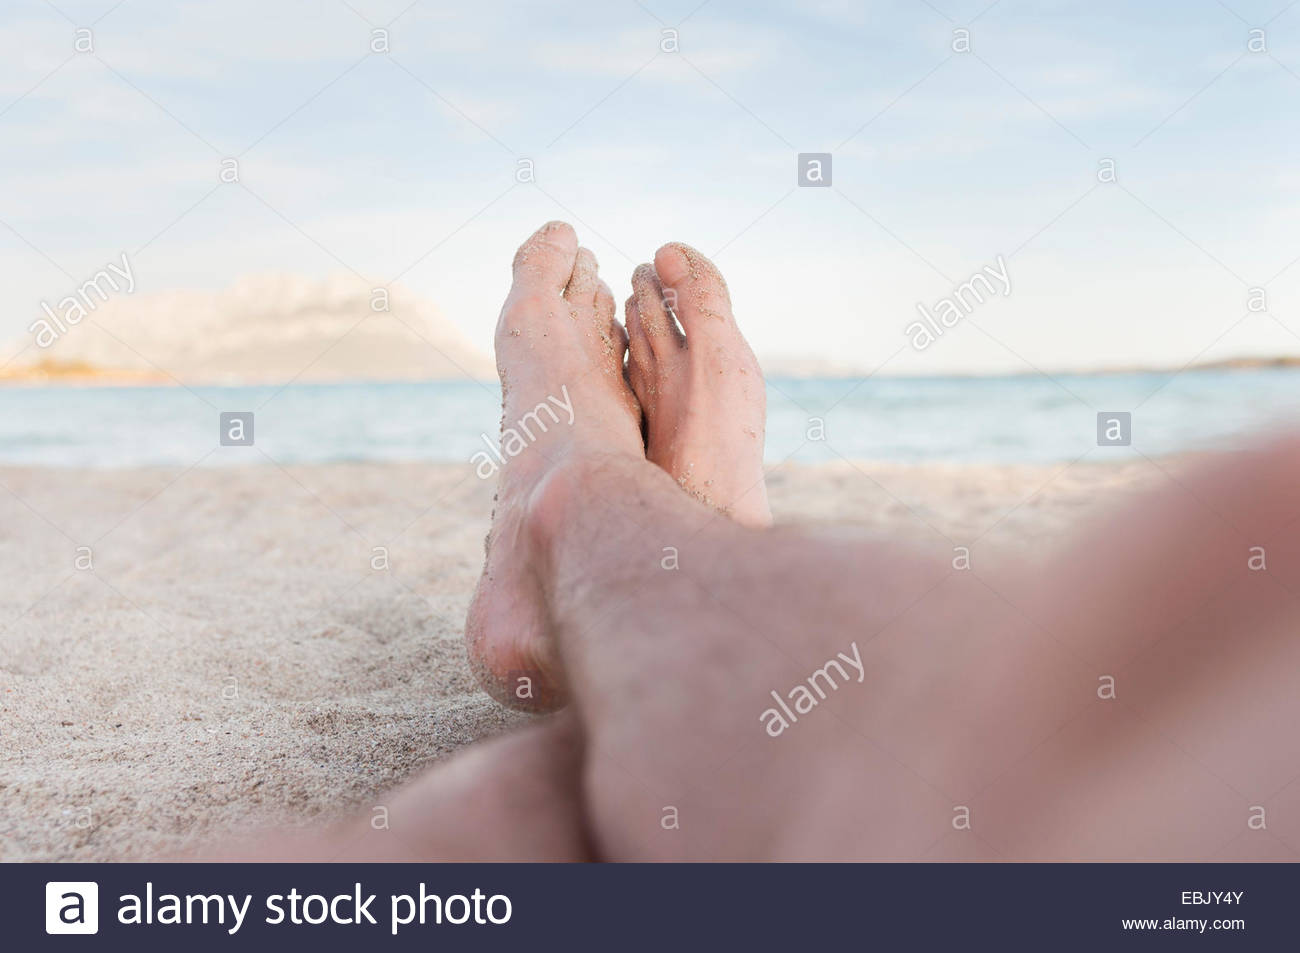 Persona rilassarsi sulla spiaggia, Sardegna, Italia Immagini Stock